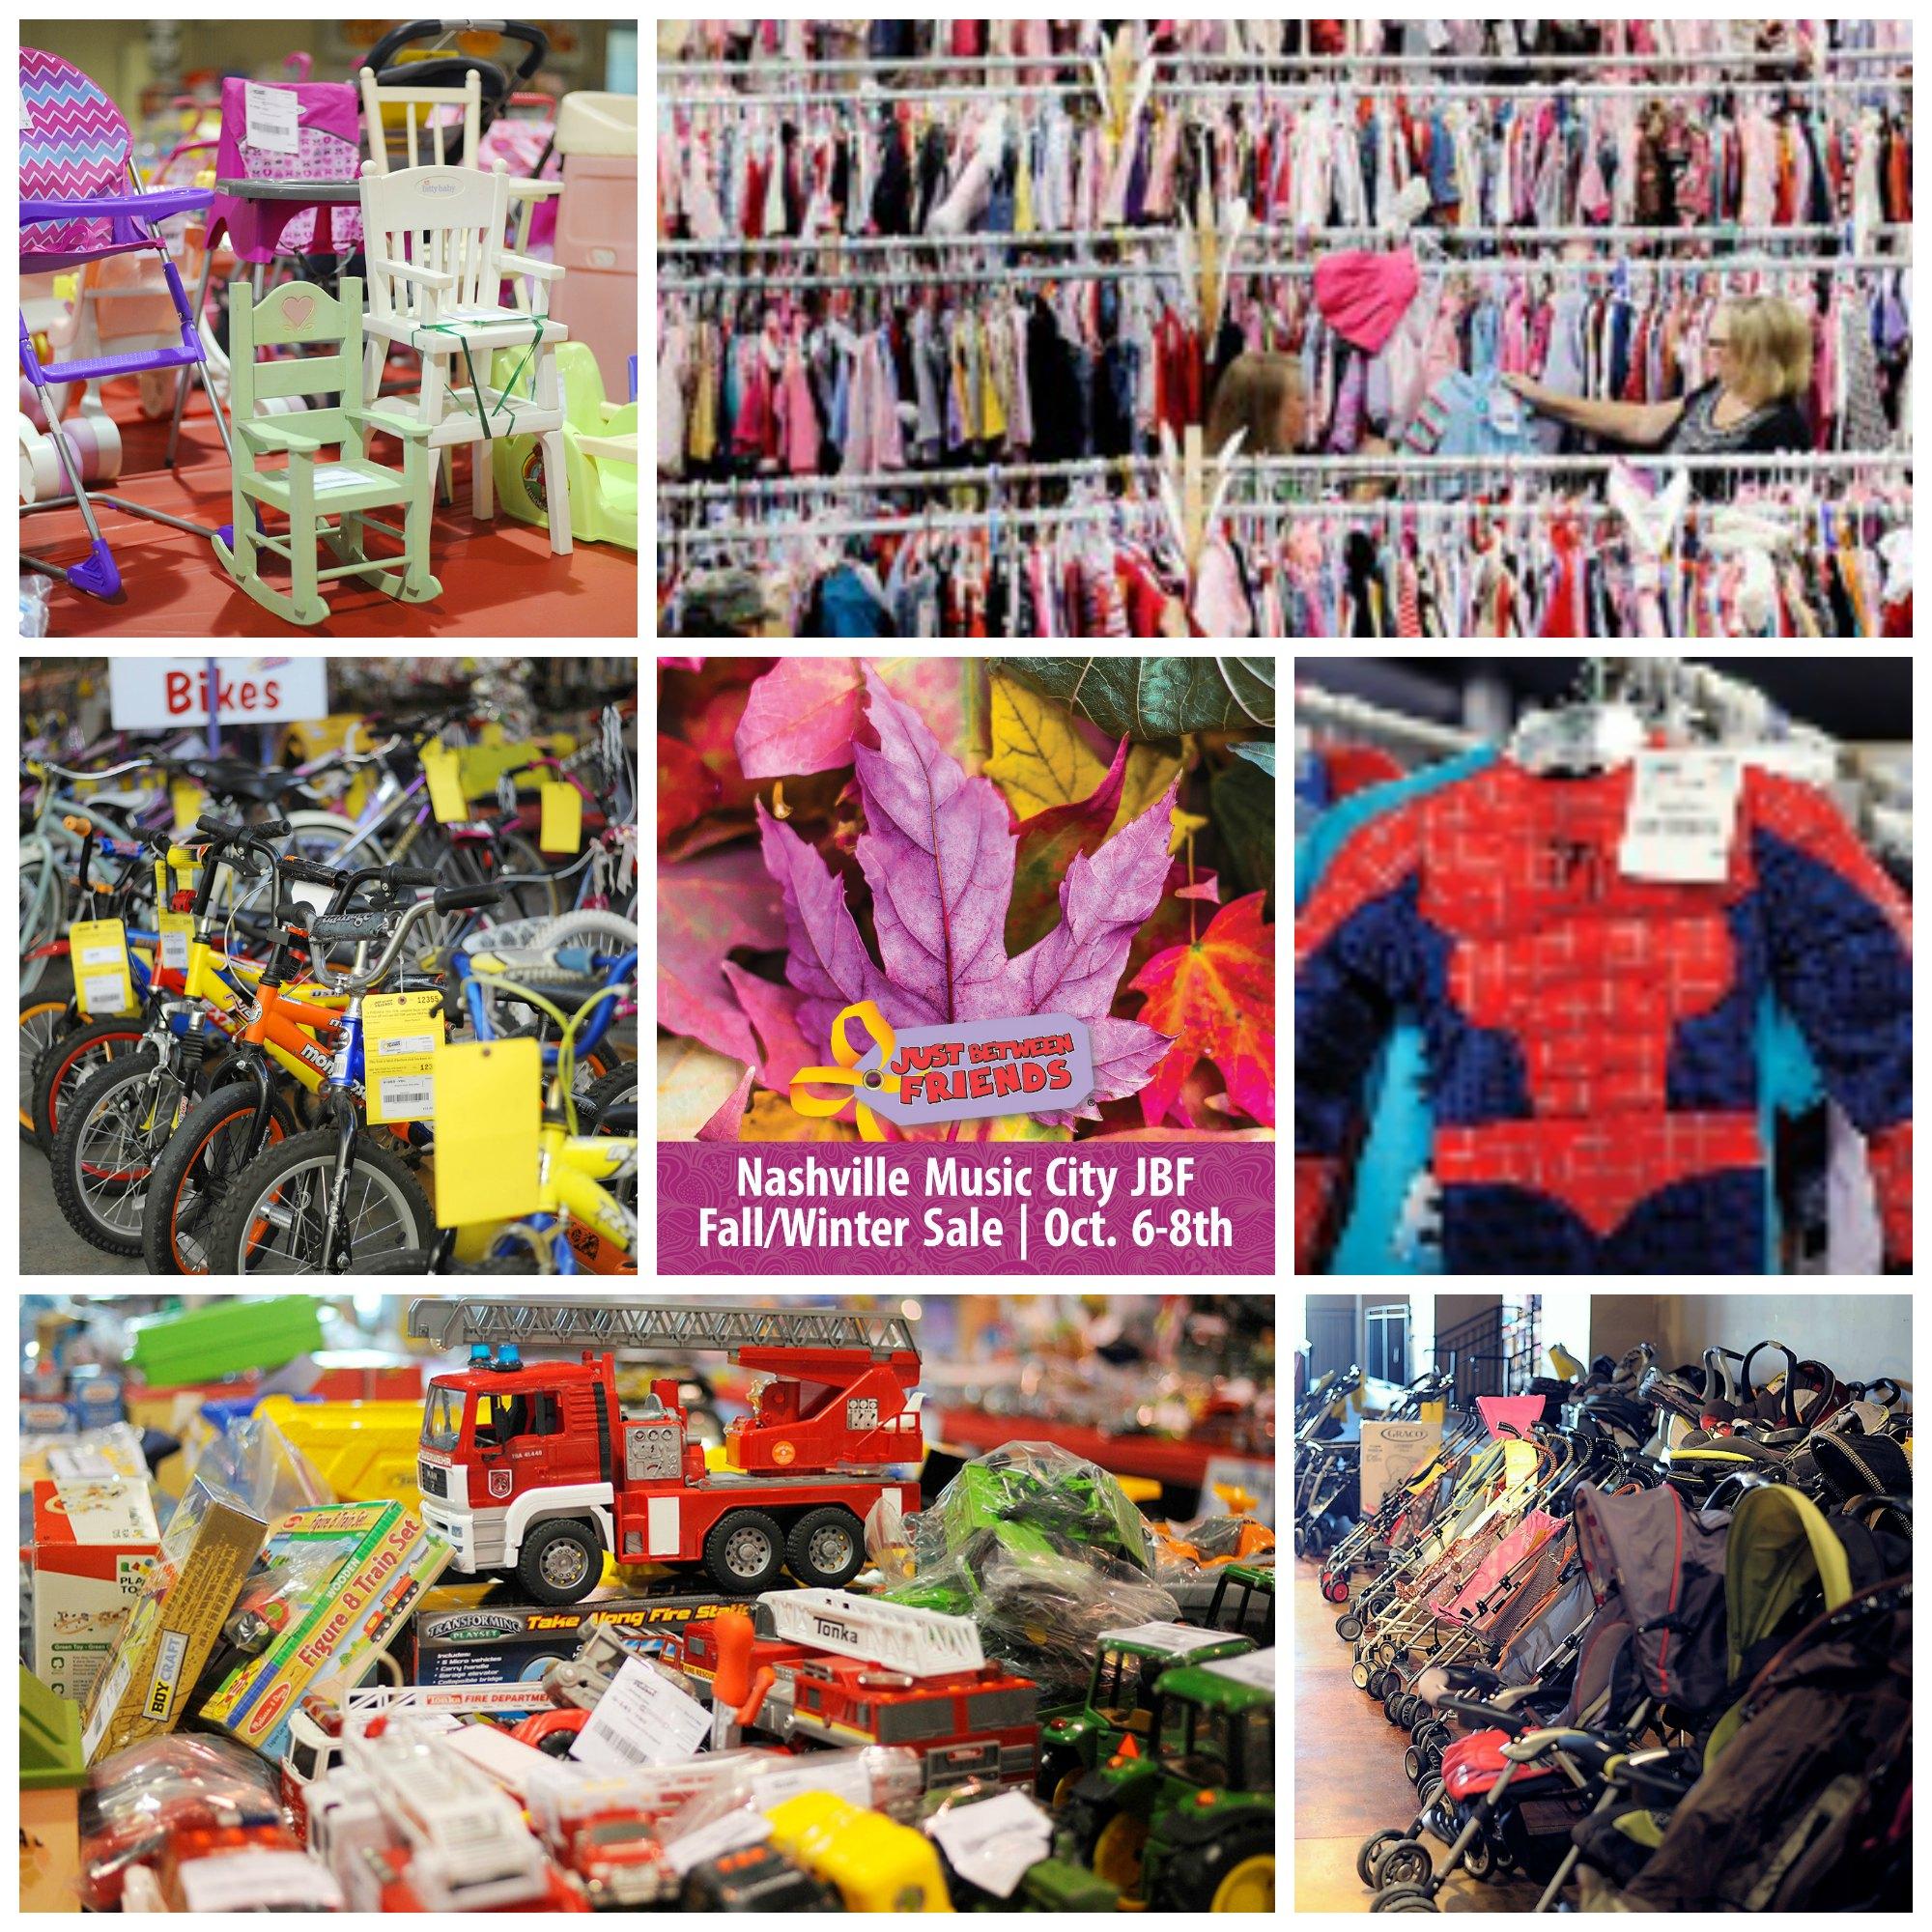 FS17 Sale pic collage